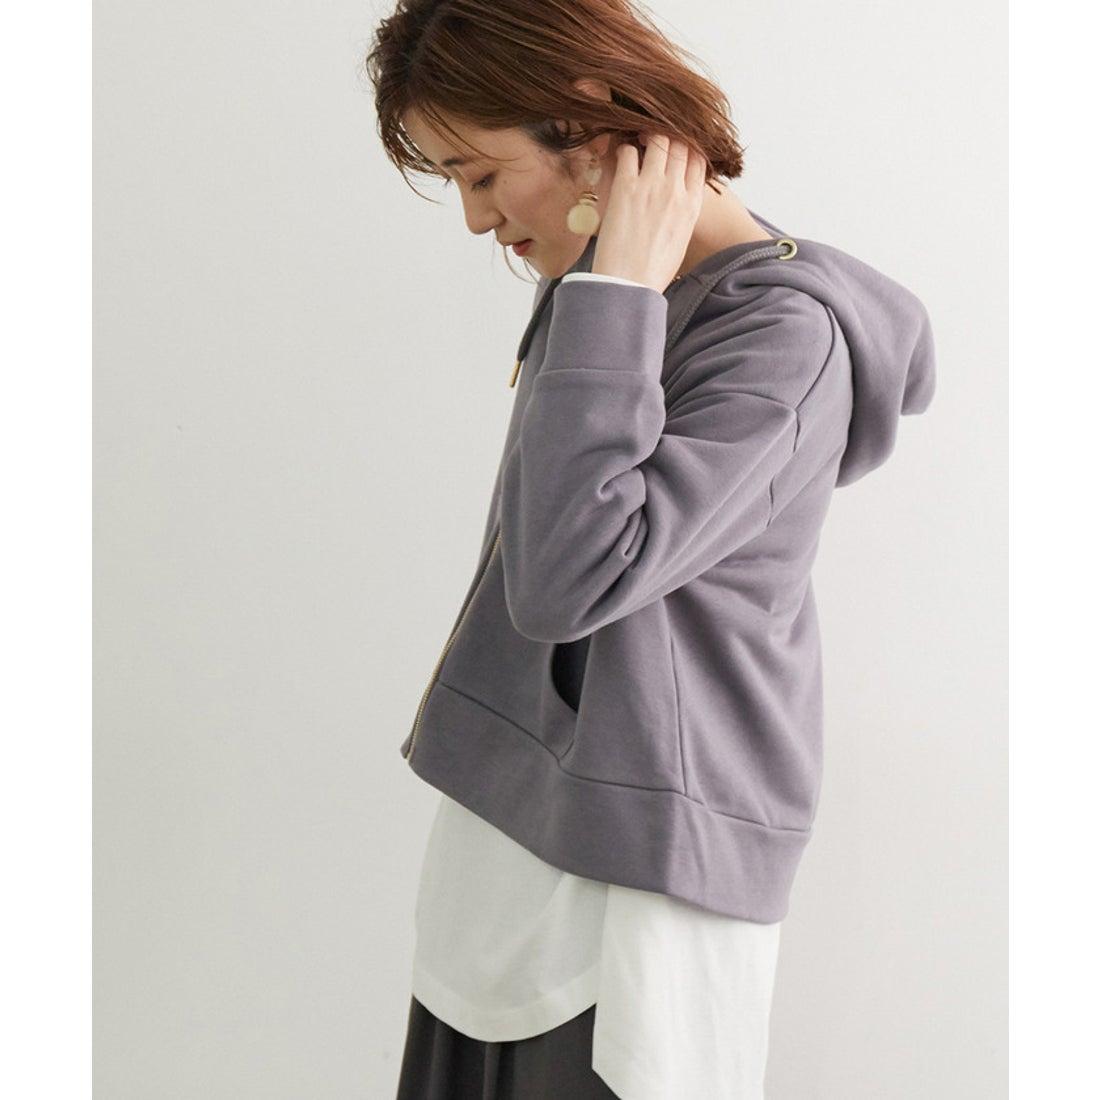 ロコンド 靴とファッションの通販サイトROPE' PICNIC 【新色追加】裏毛ジップショートフーディー(グレー系(09))【返品不可商品】